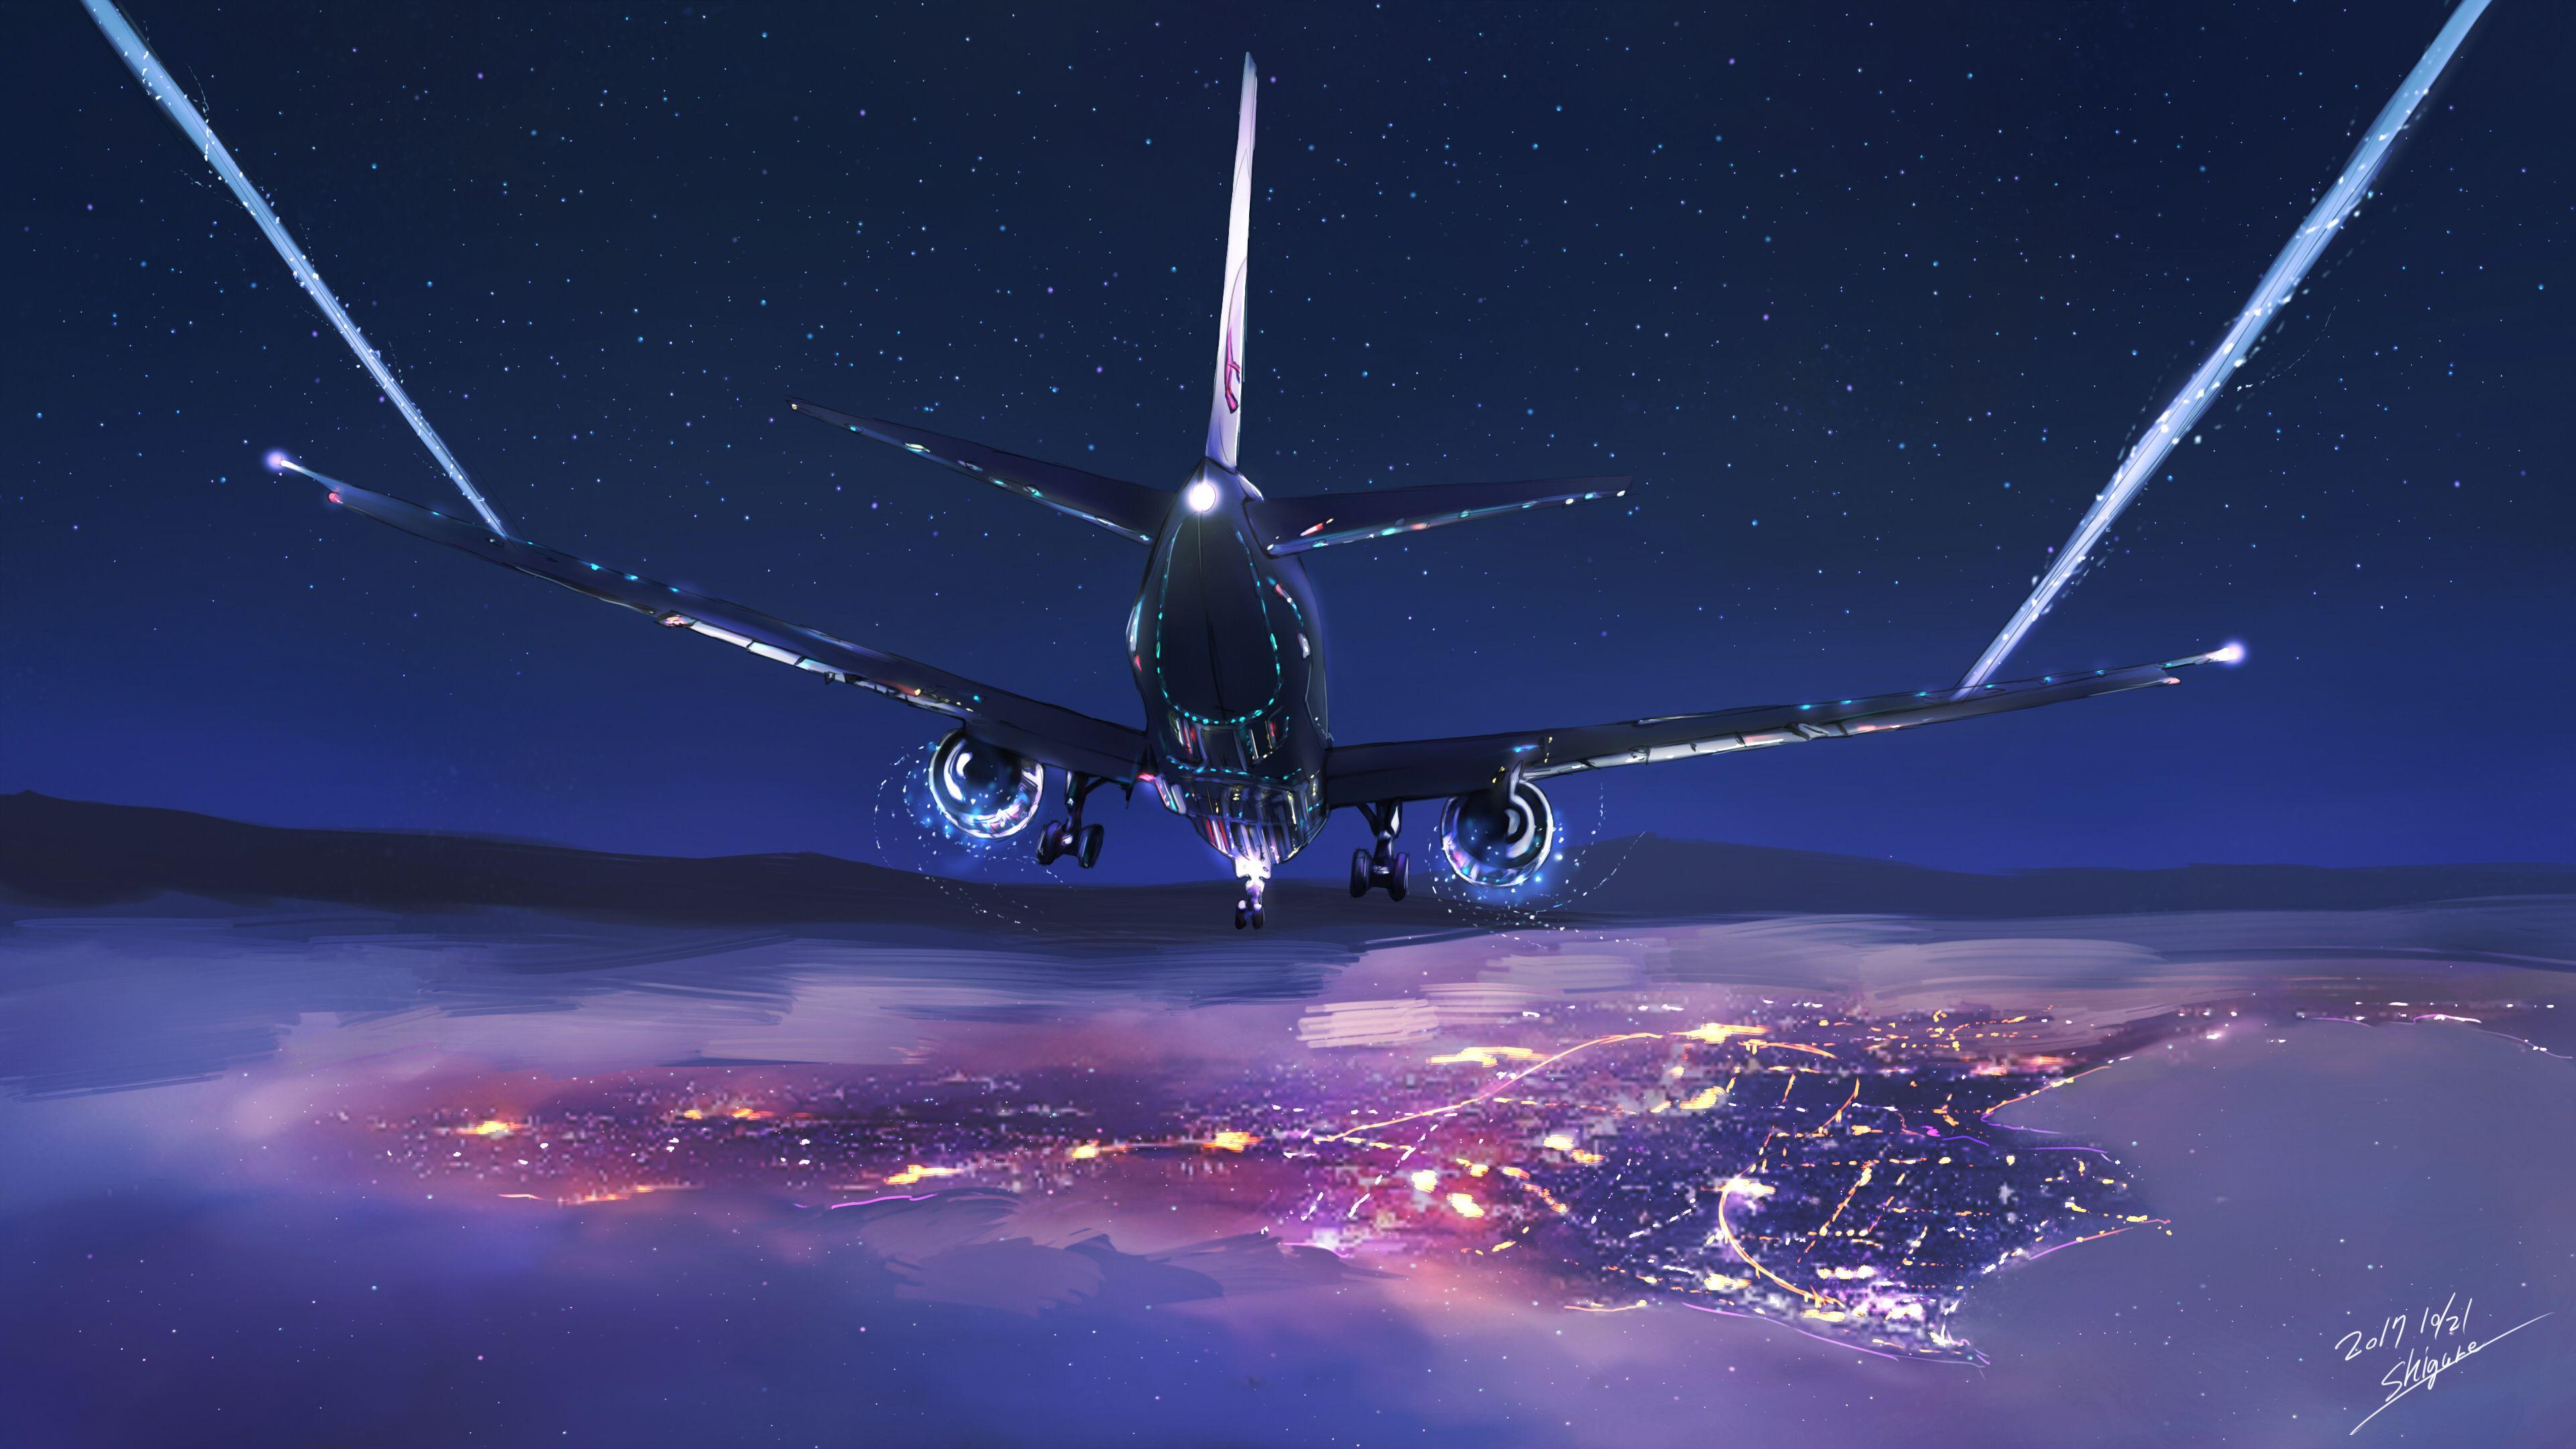 Boeing 737 Next Generation Planes Minimalism 4k Planes Wallpapers Minimalist Wallpapers Minimalism Wa Minimalist Wallpaper Airplane Illustration Hd Wallpaper